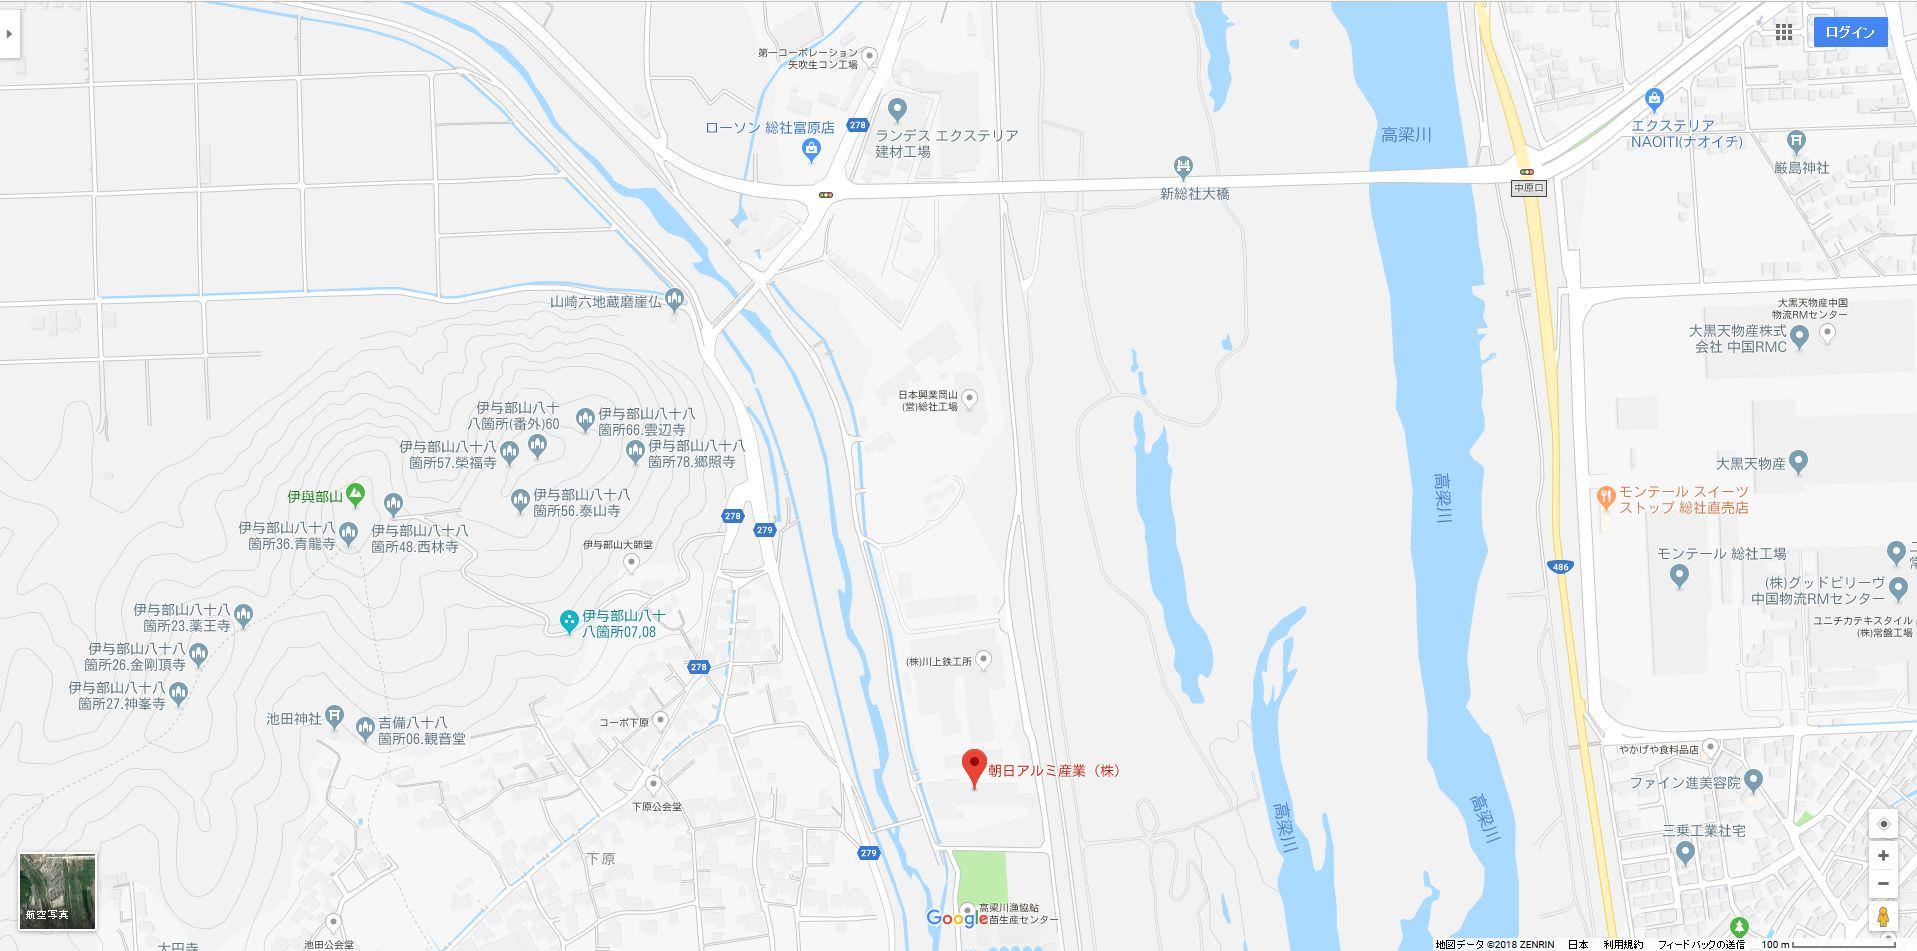 岡山県の「朝日アルミ産業」で大爆発!の画像4-4